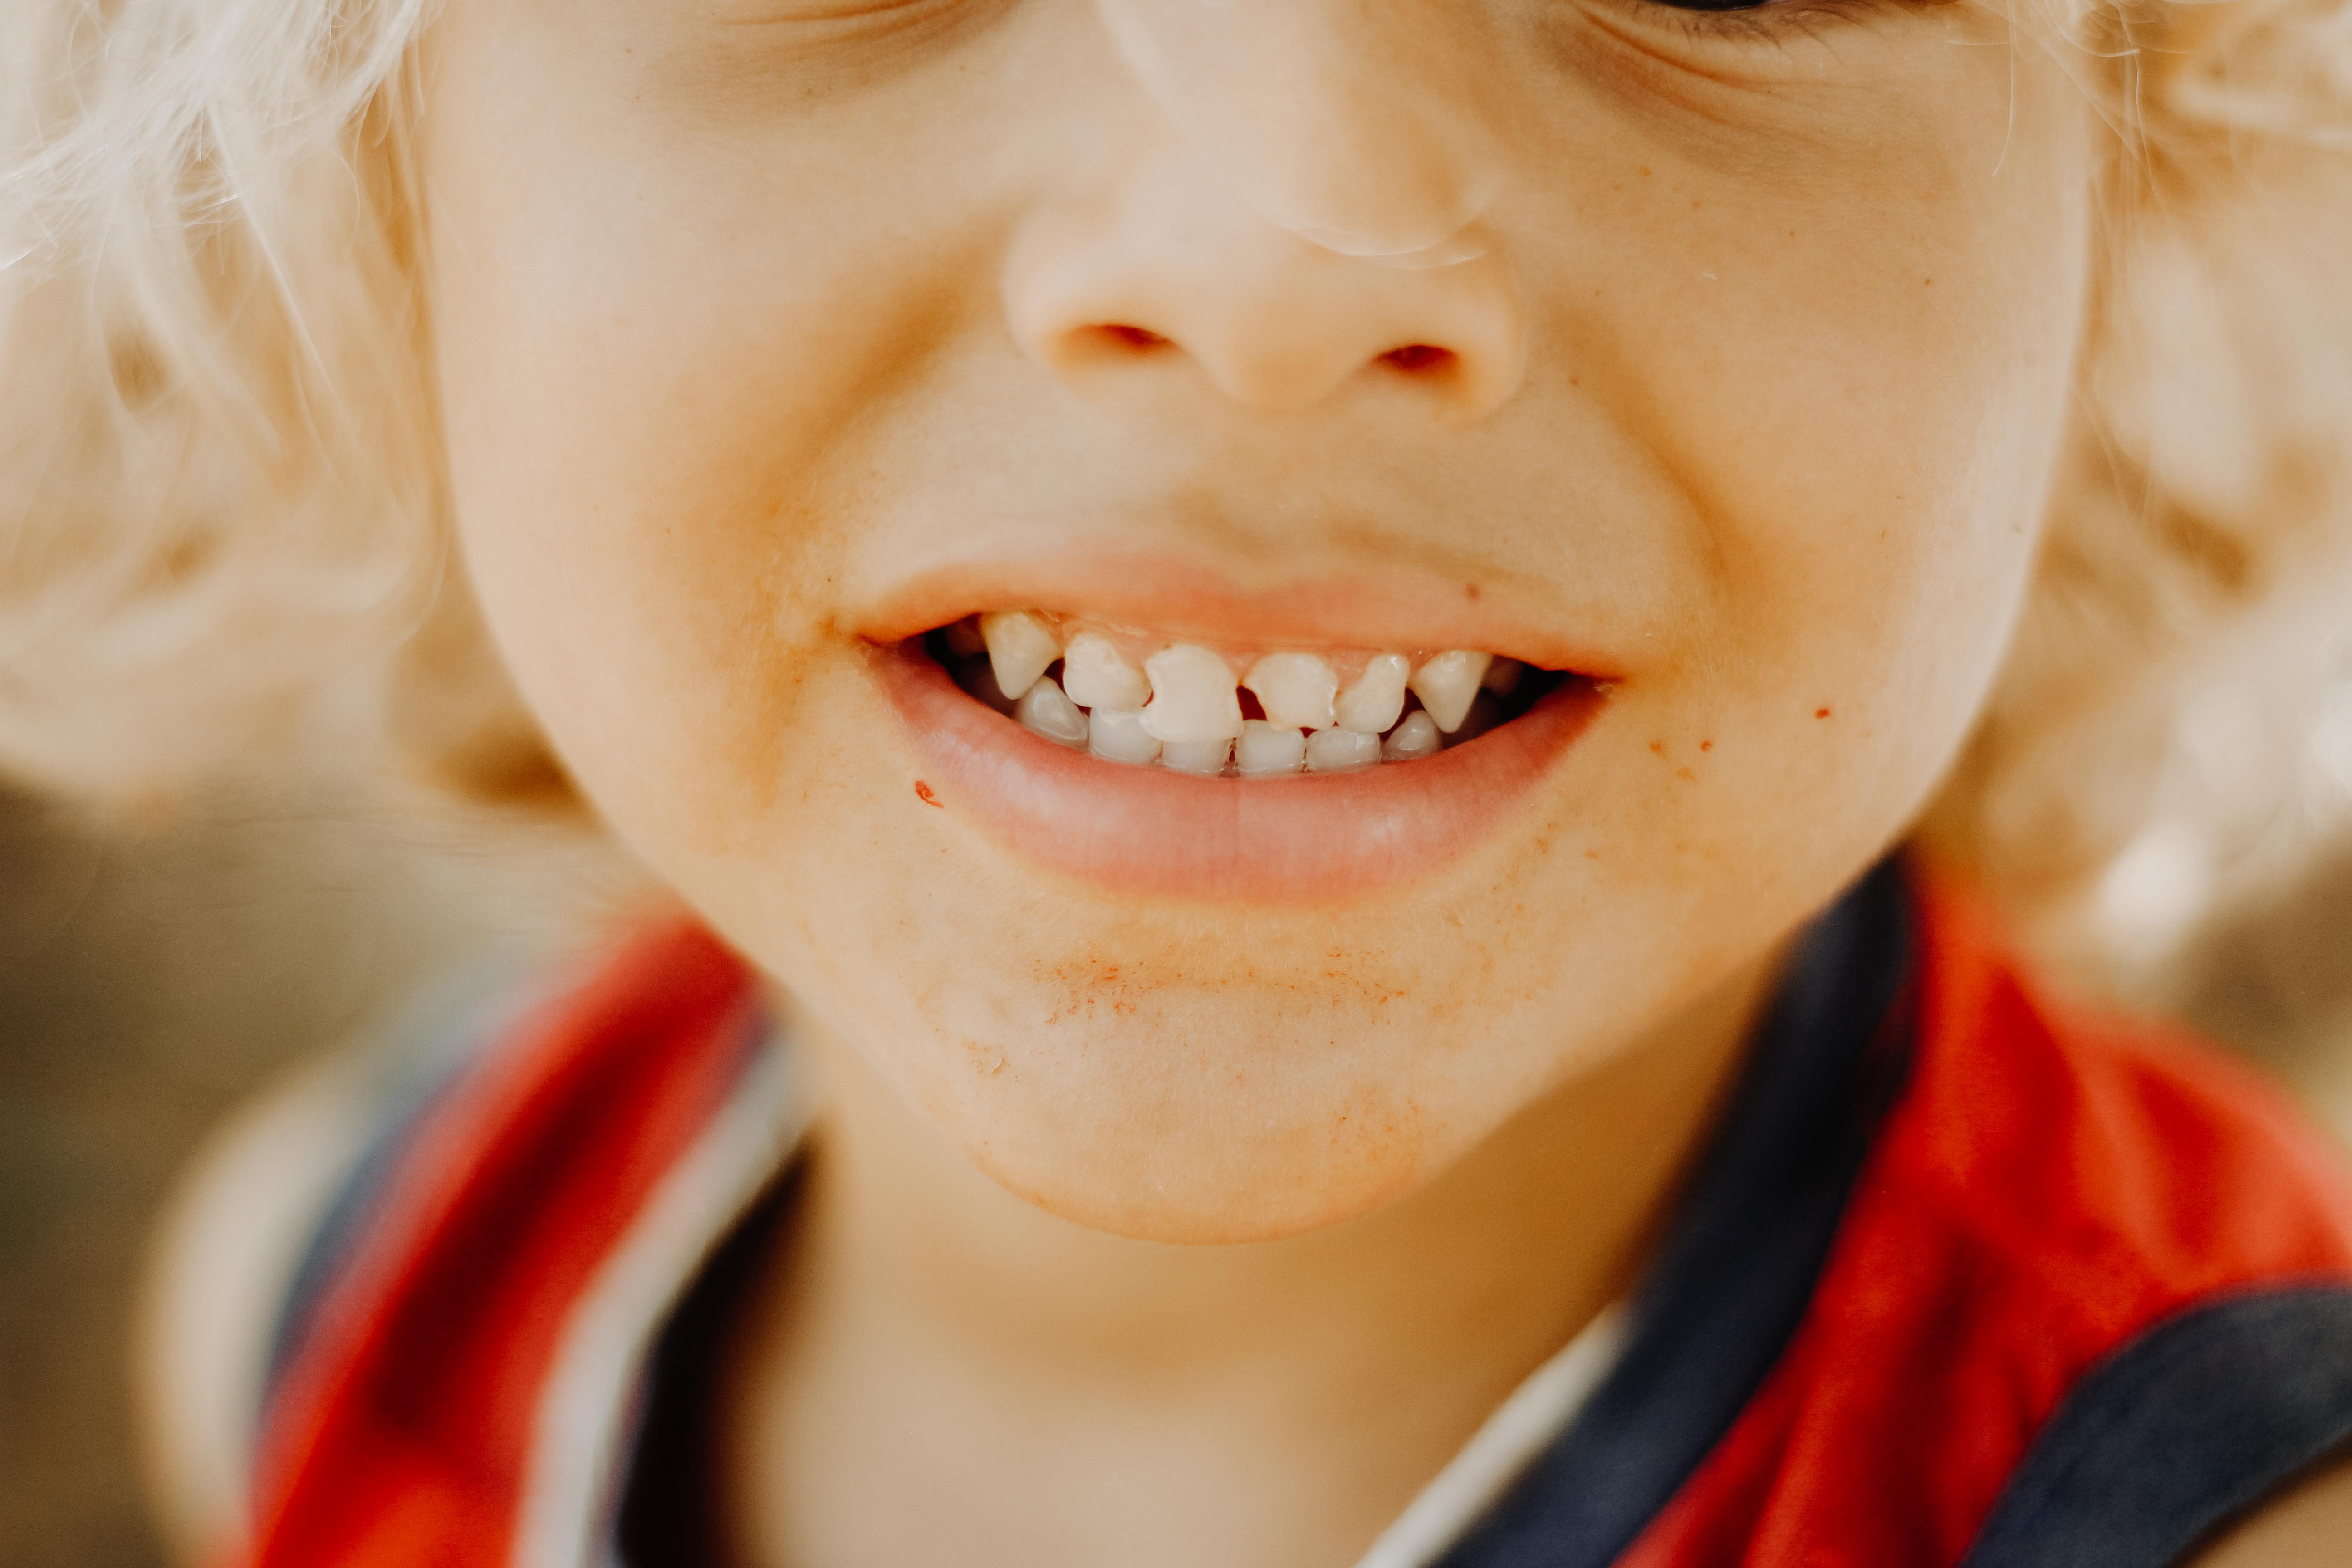 在士林遇見醫師,牙齒問題趁早治療~終於終結了我牙齒裂開的痛苦~